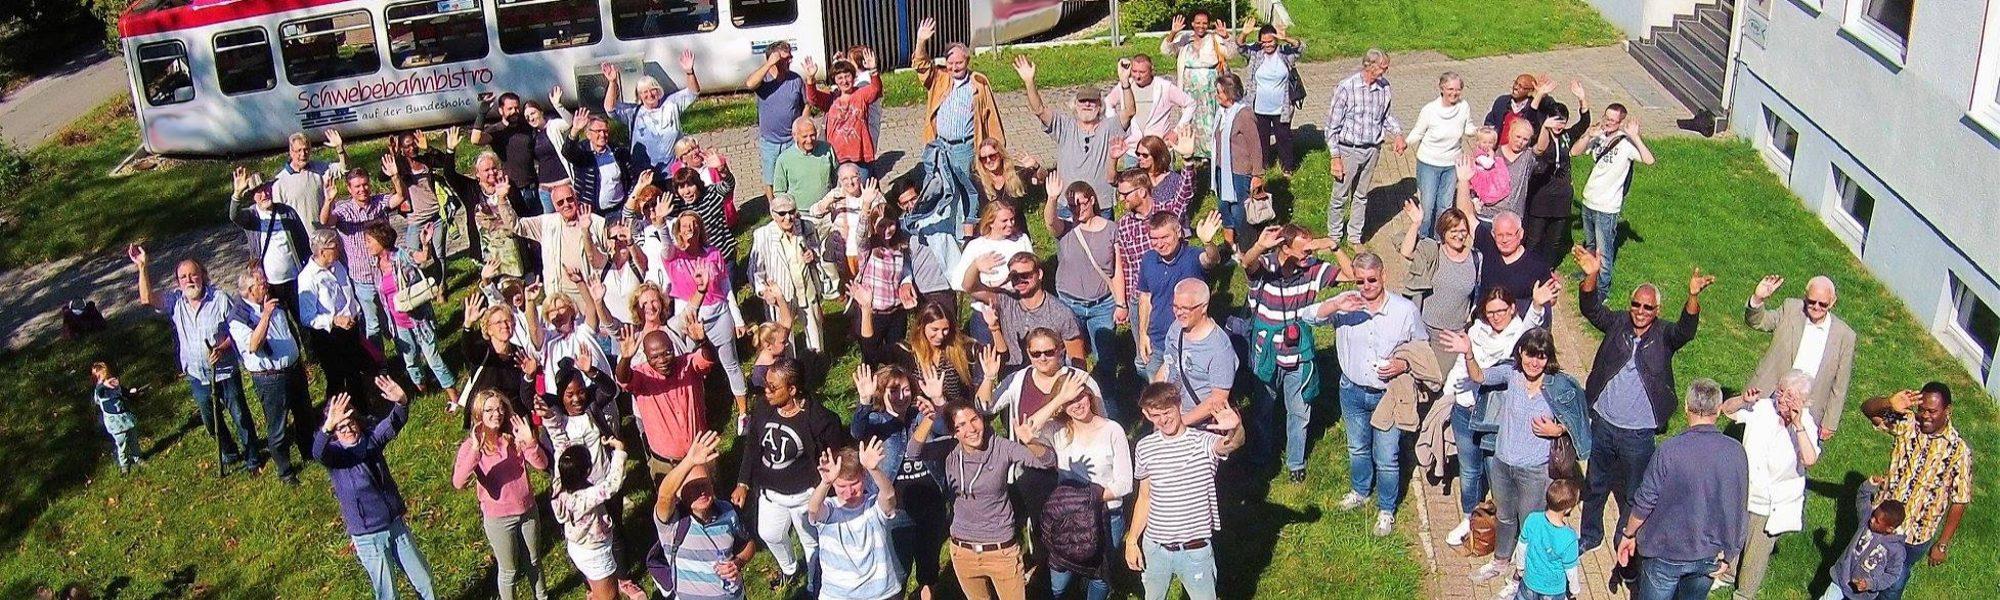 Freie evangelische Gemeinde Wuppertal Barmen - Start